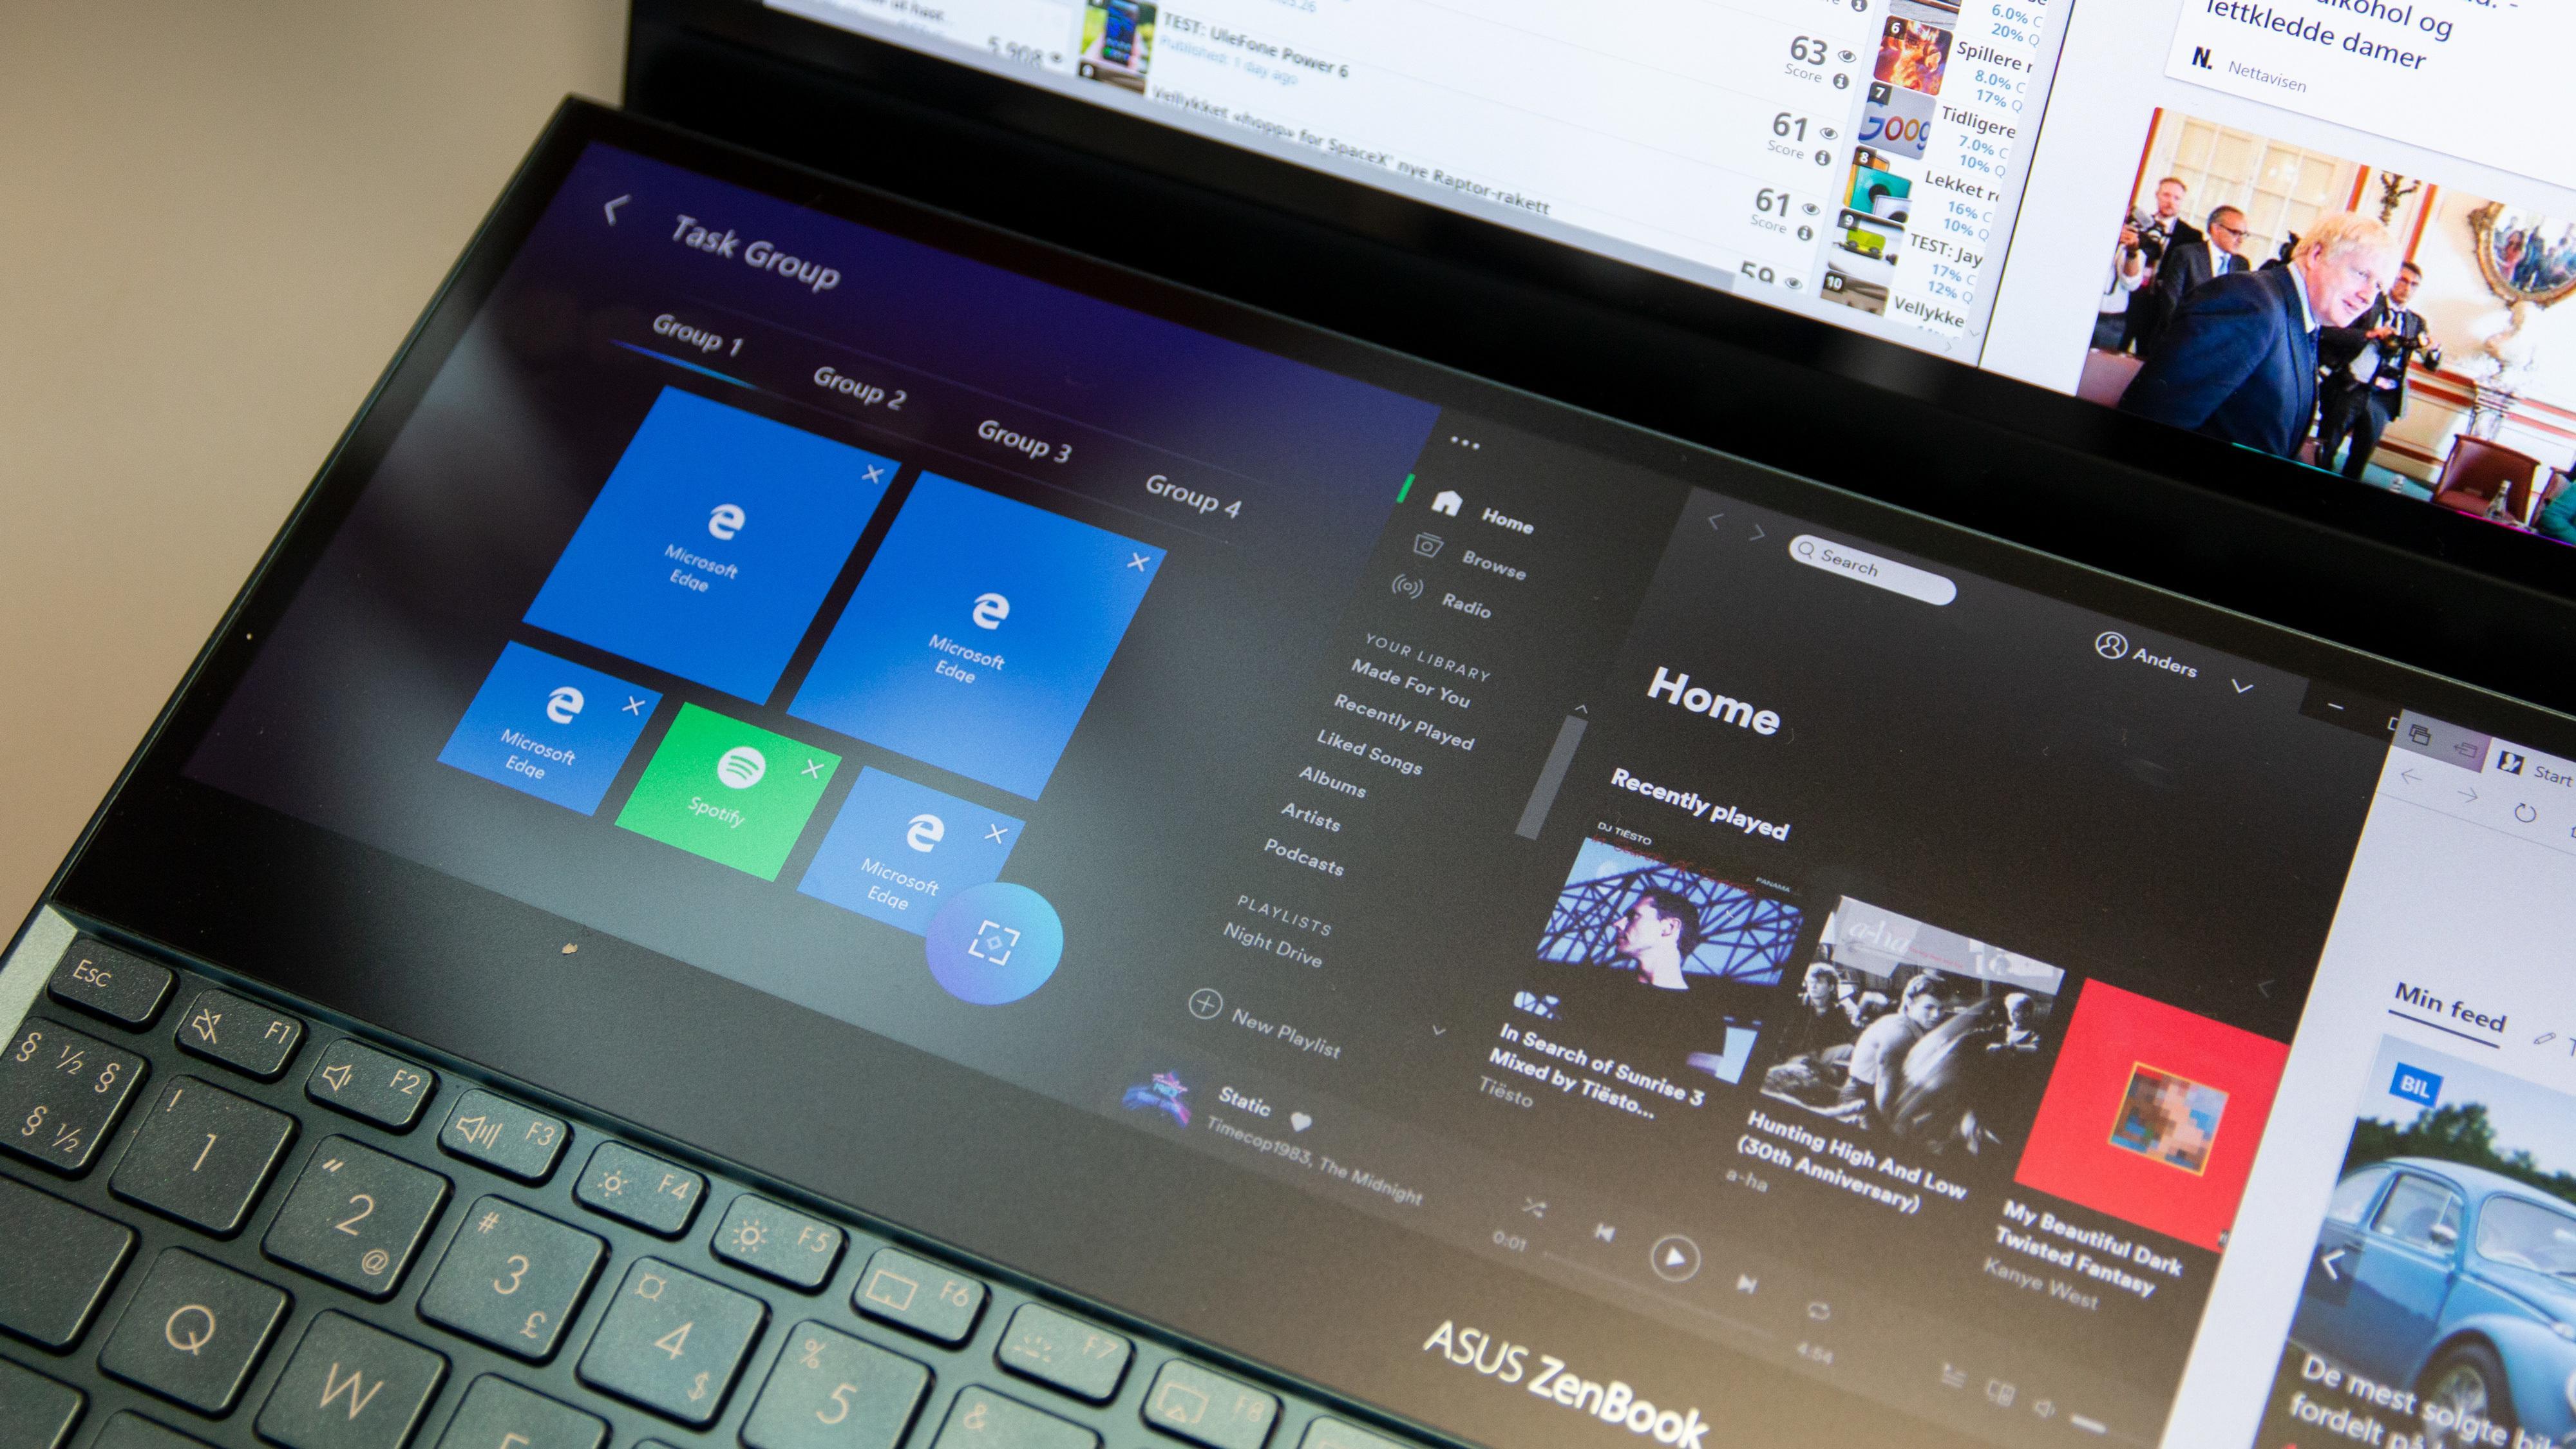 Å sette opp forhåndsdefinerte arbeidsrom med vinduer og apper gjøres lett fra egen programvare på berøringsskjermen.